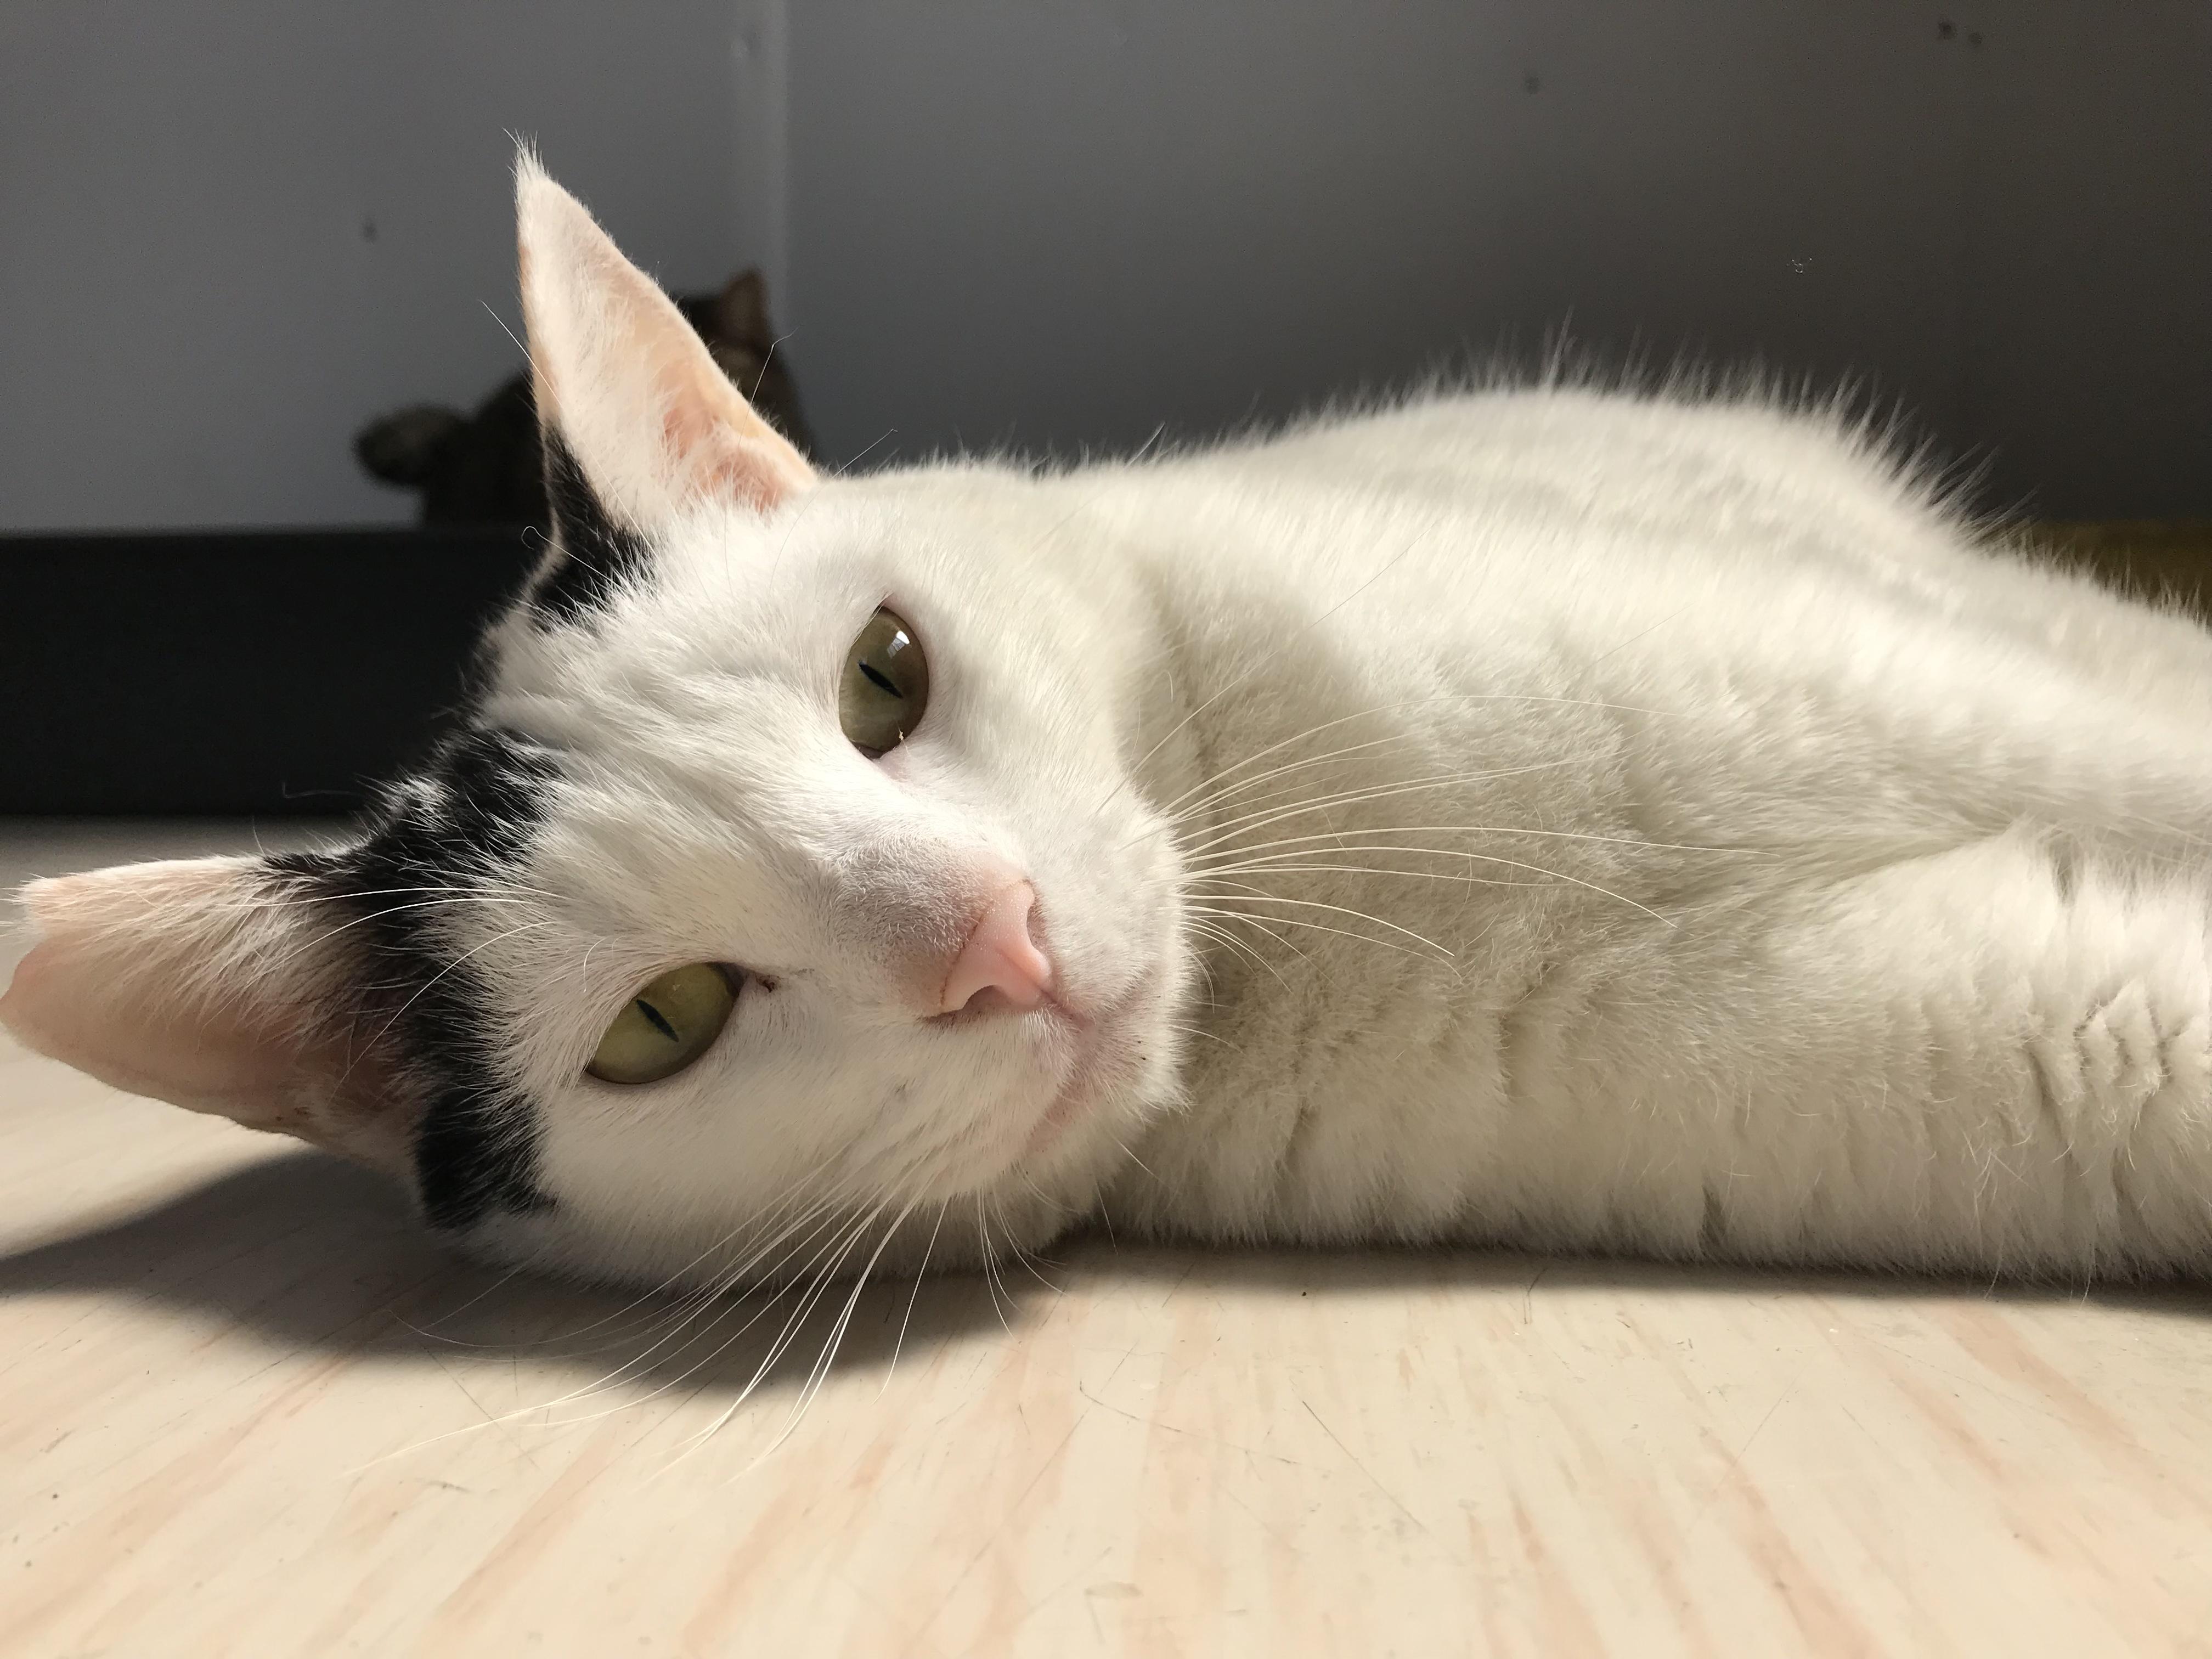 <p></p> <ul> <li>猫種:日本猫 白黒</li> <li>性別:男の子</li> <li>名前:シロ</li> <li>年齢:H30年 春</li> <li>保護経緯:里親さんを探して欲しいとの事でセンターに連れてこられました。</li> </ul>